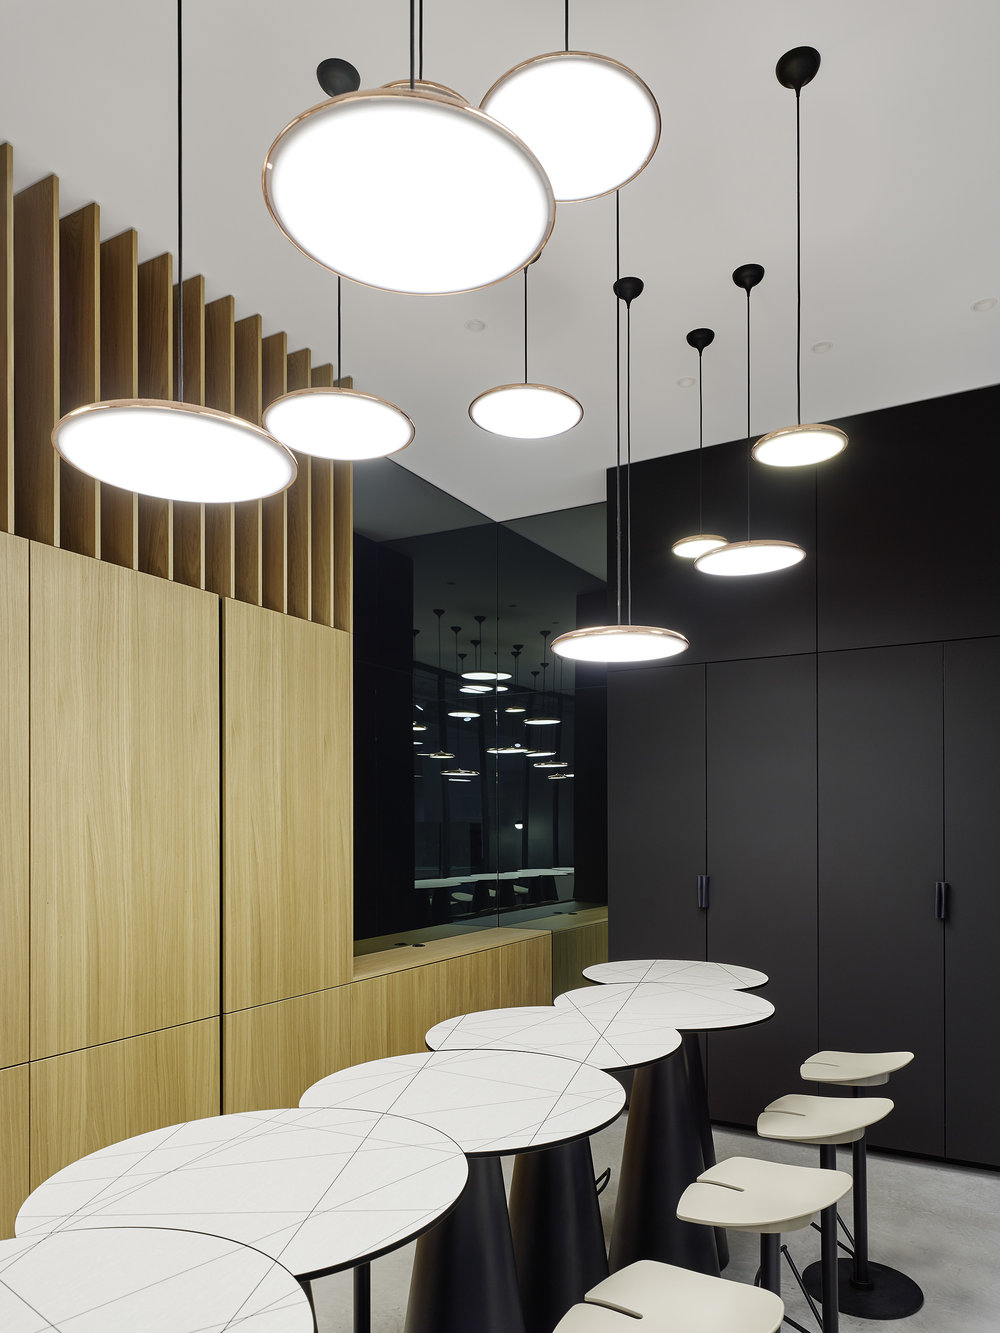 Innenarchitektur Stuttgart - Büro, Office, Küche, kitchen, interior architecture, bwlive, Arbeitswelt, Nachhaltigkeit,Studio Alexander Fehre